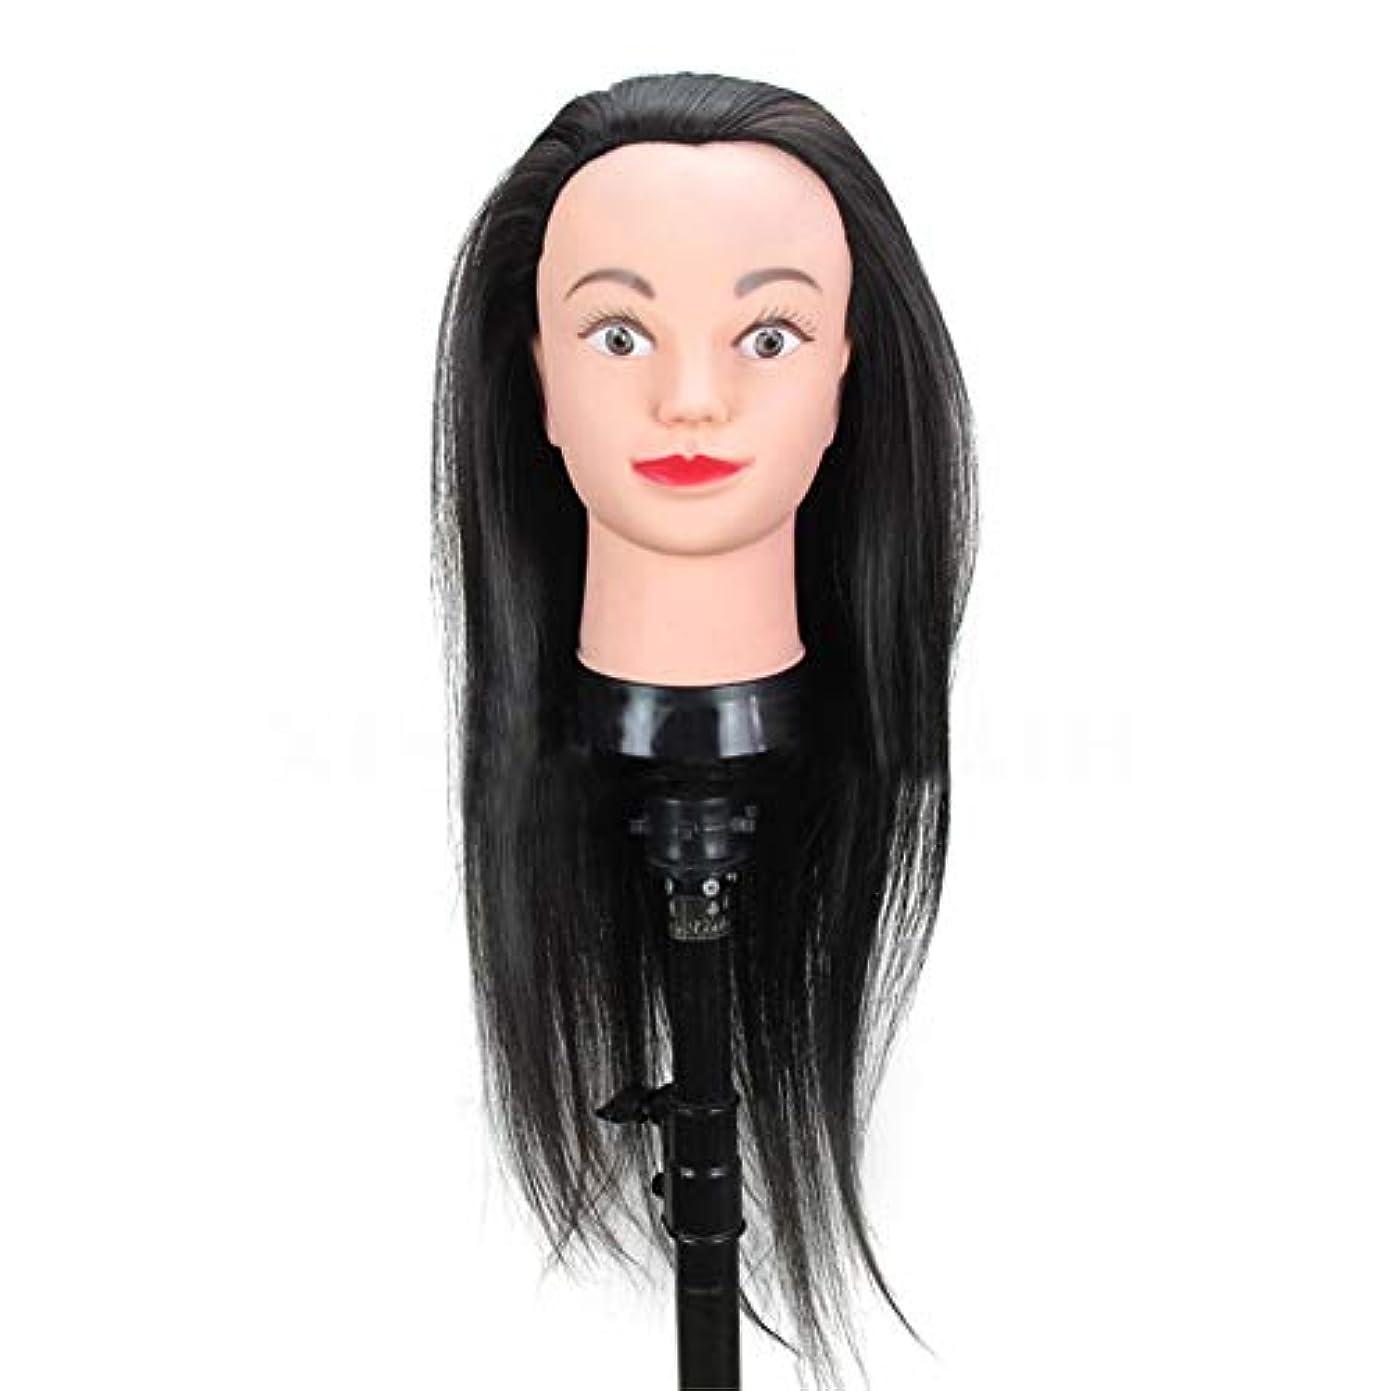 シンジケート小包ポジション高温シルク編組ヘアスタイリングヘッドモデル理髪店理髪ダミーヘッド化粧練習マネキンヘッド